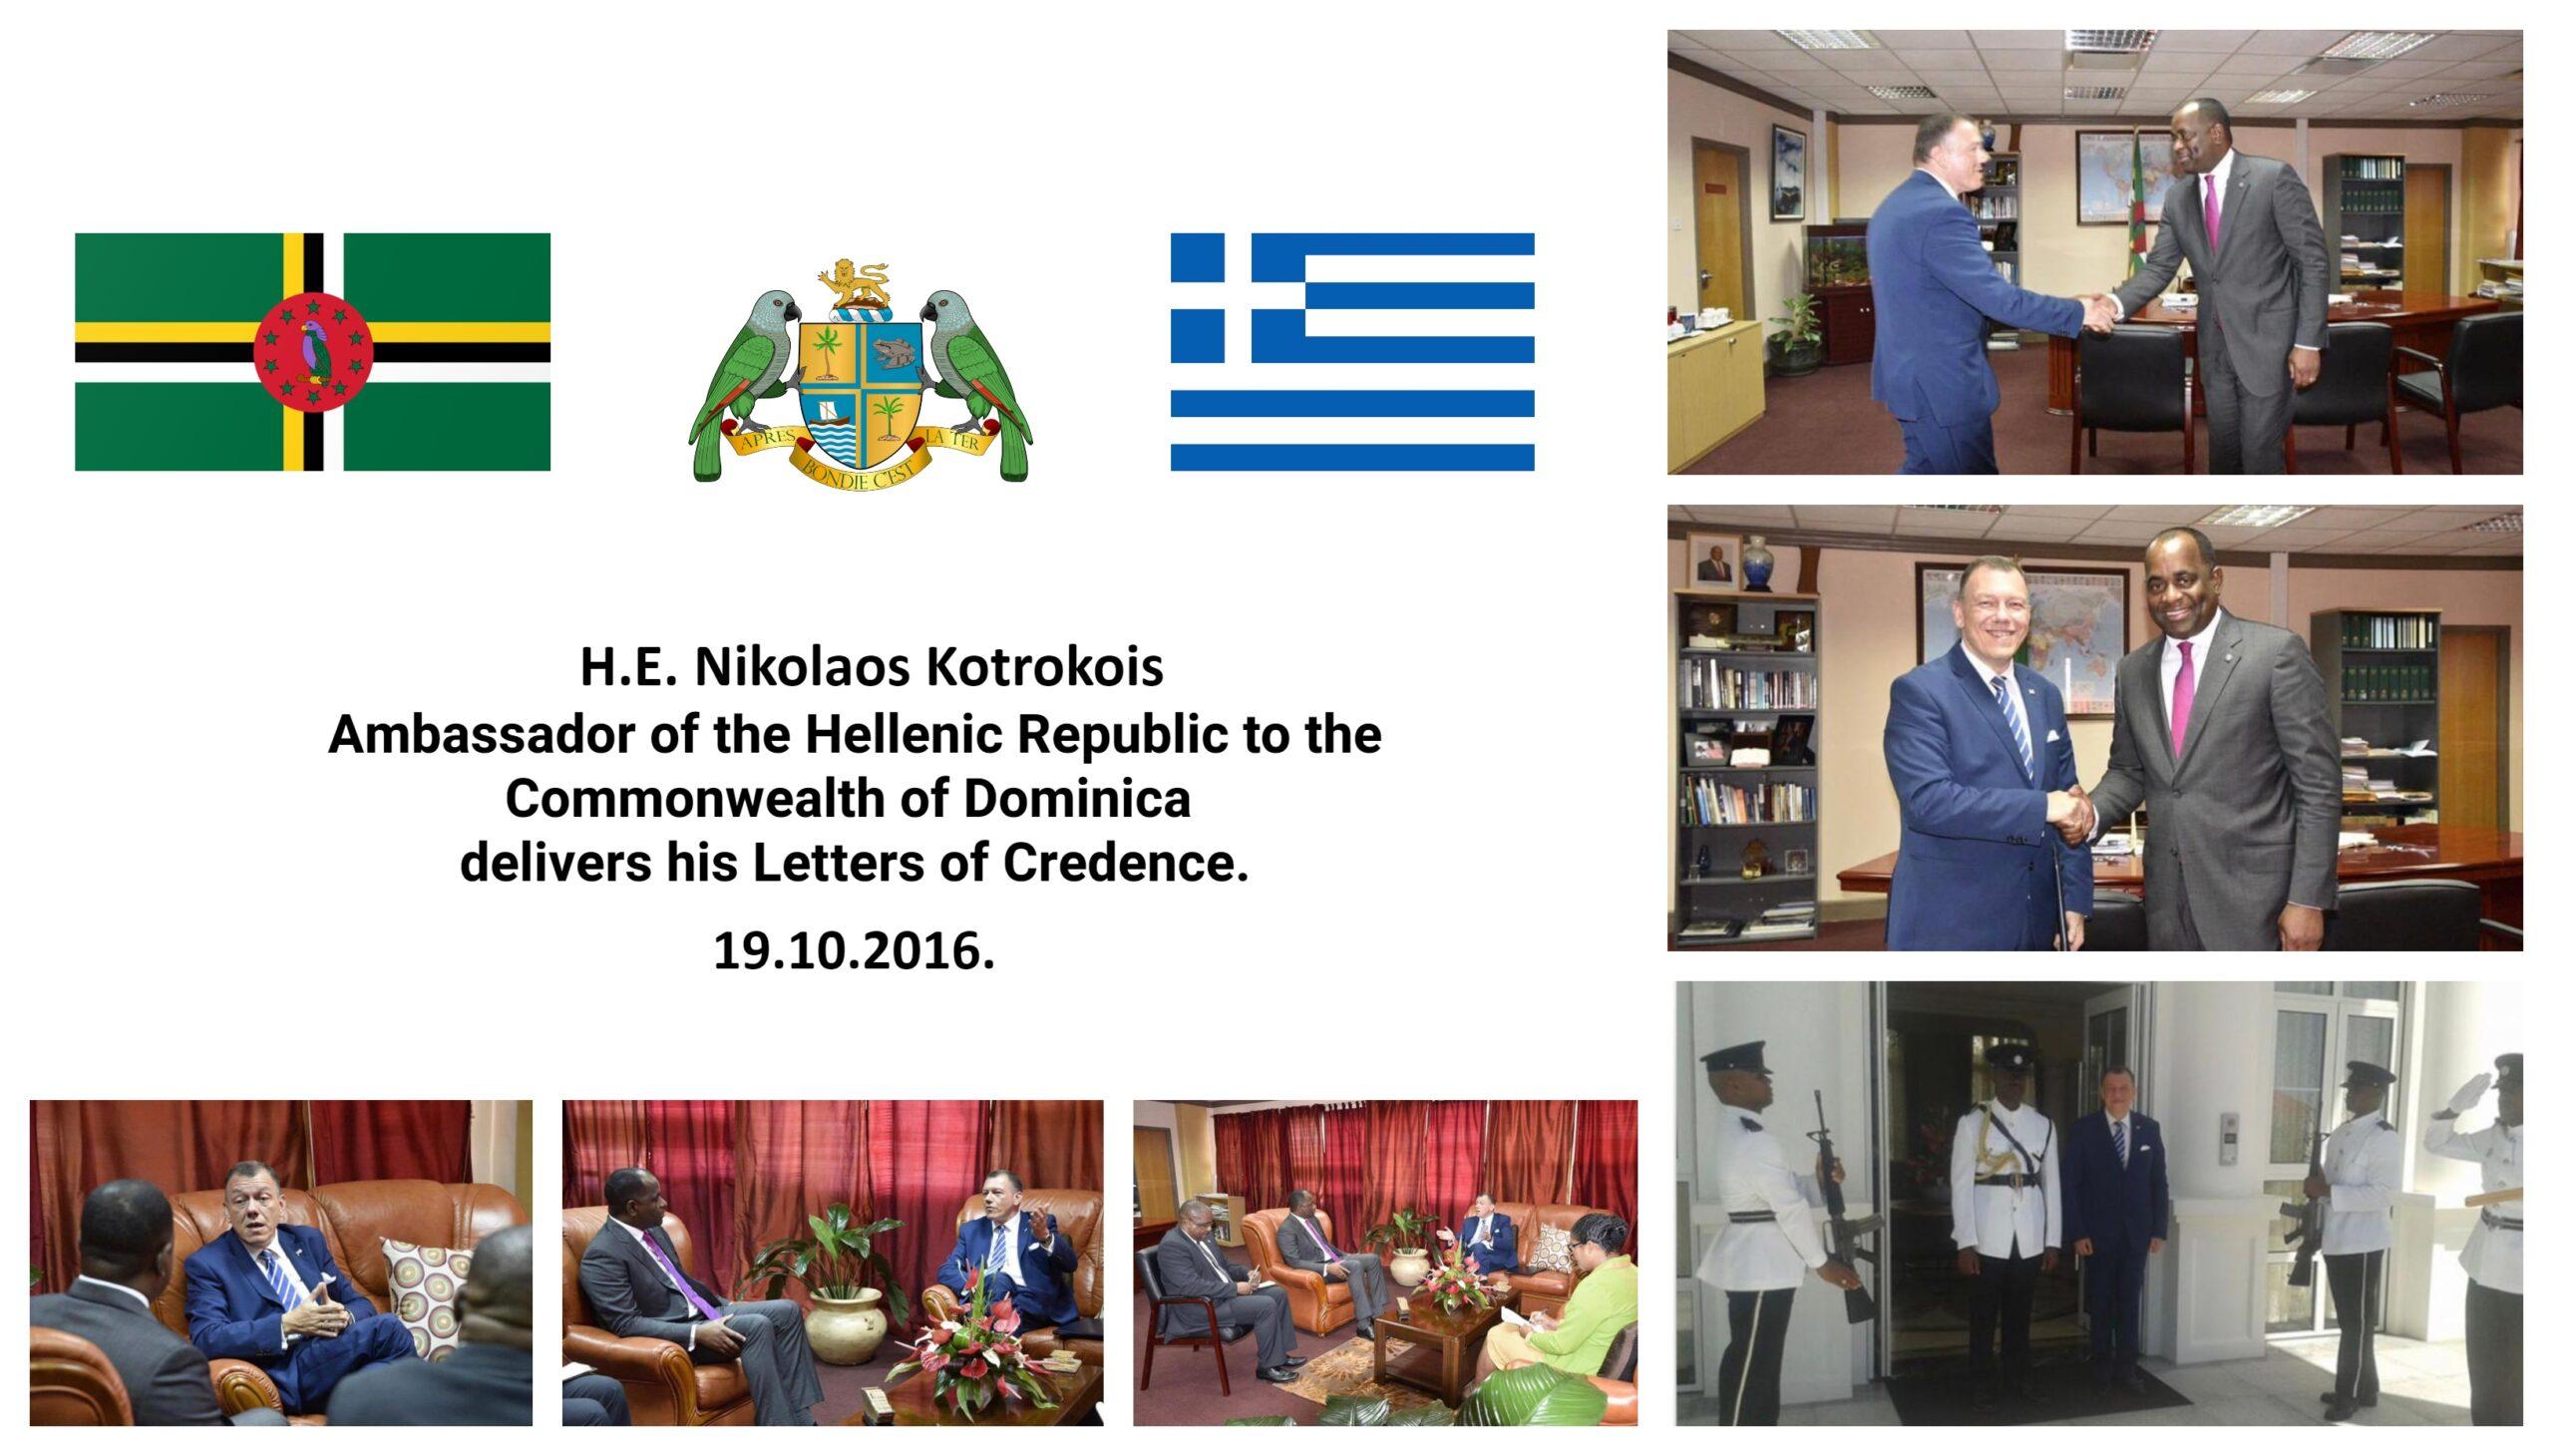 H. E. Nikolaos Kotrokois